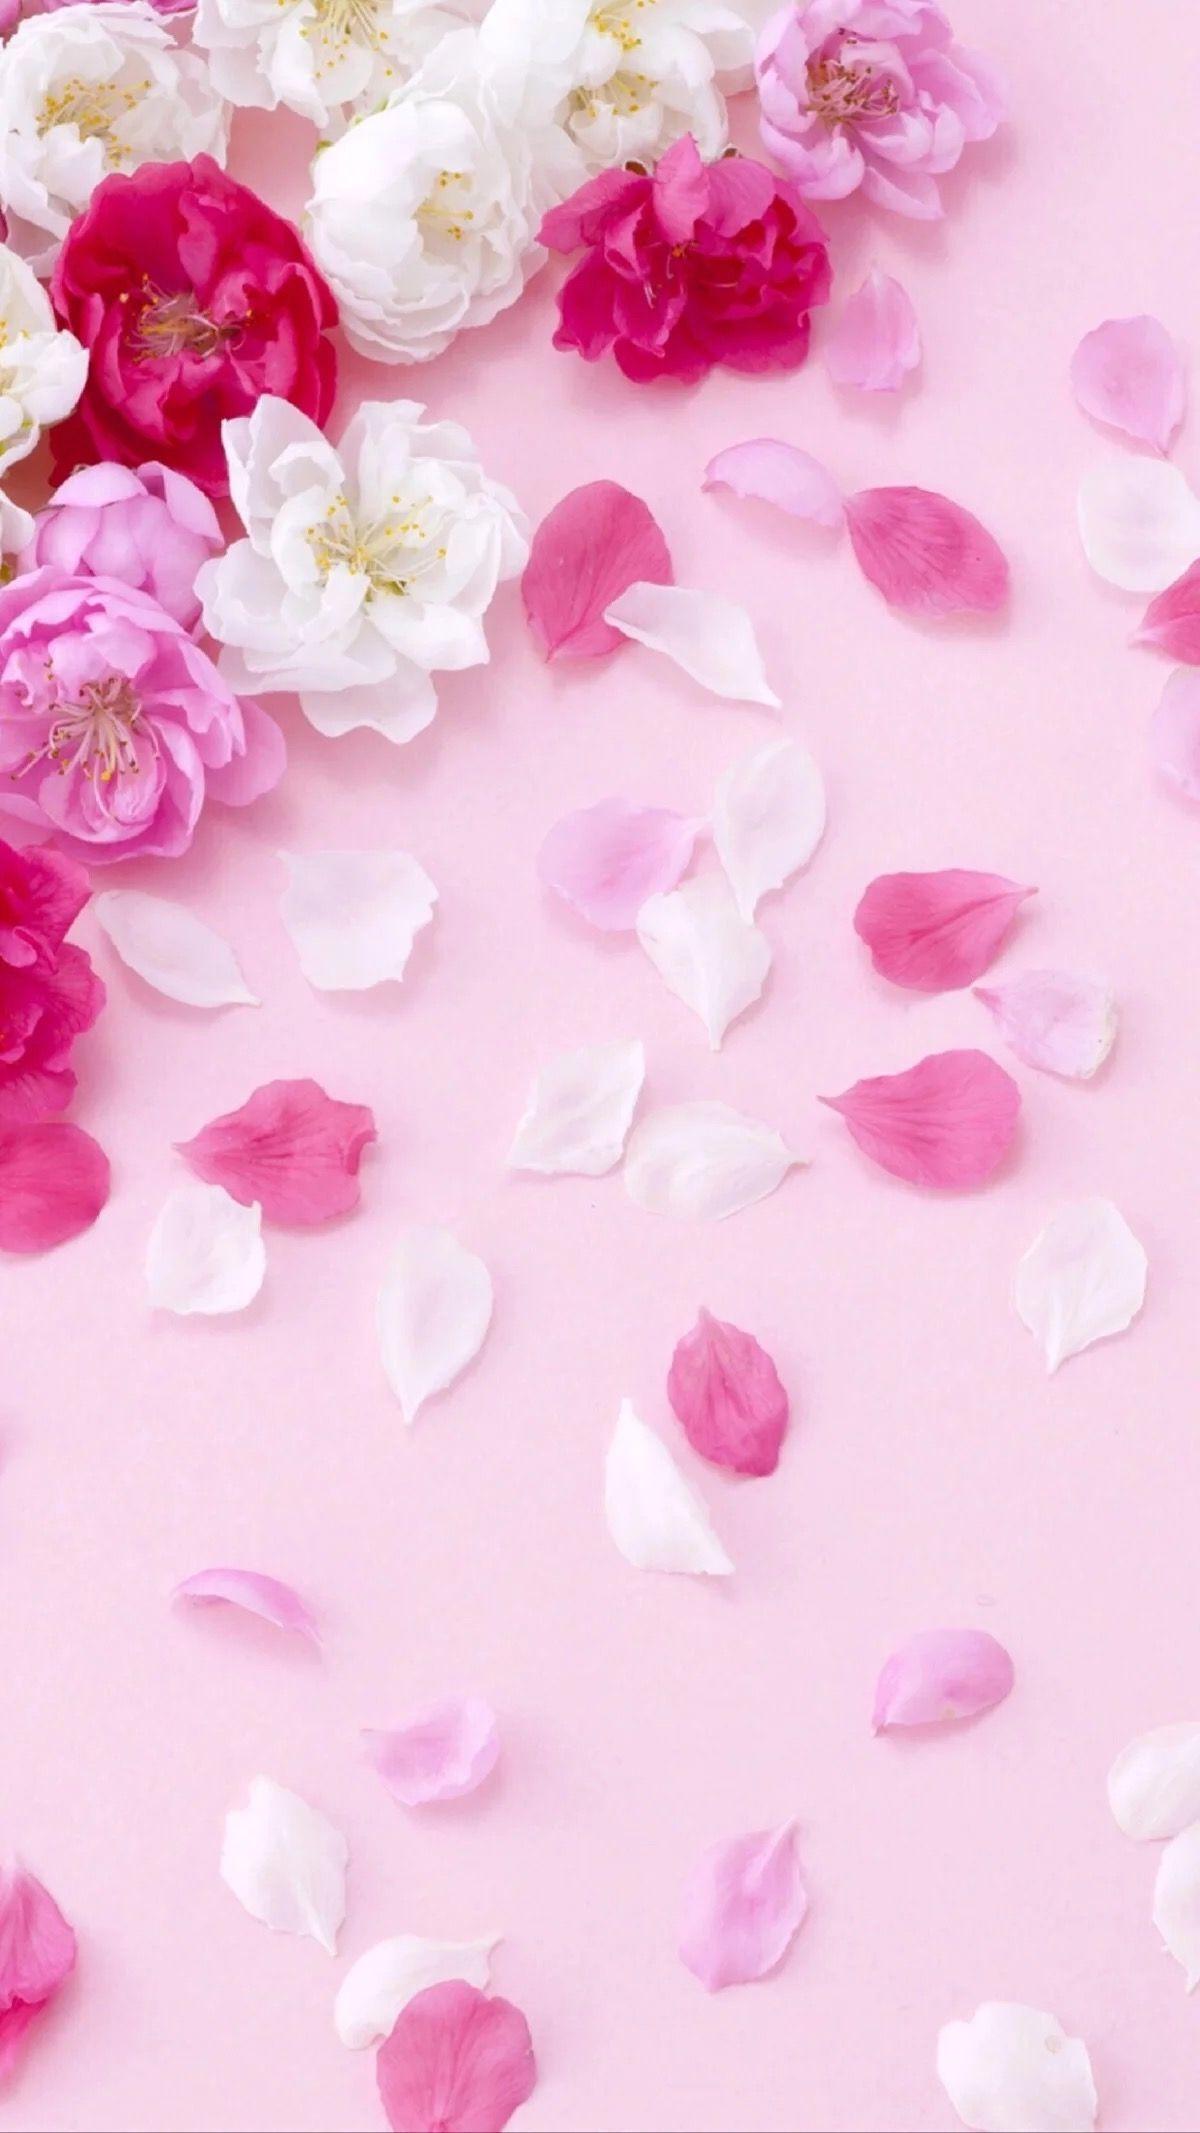 ورق جدران بواسطة الفنان غير معروف خلفيات ورود جميلة جدا الفنان بواسطة جدا جدرا Flower Phone Wallpaper Flower Background Wallpaper Flower Wallpaper